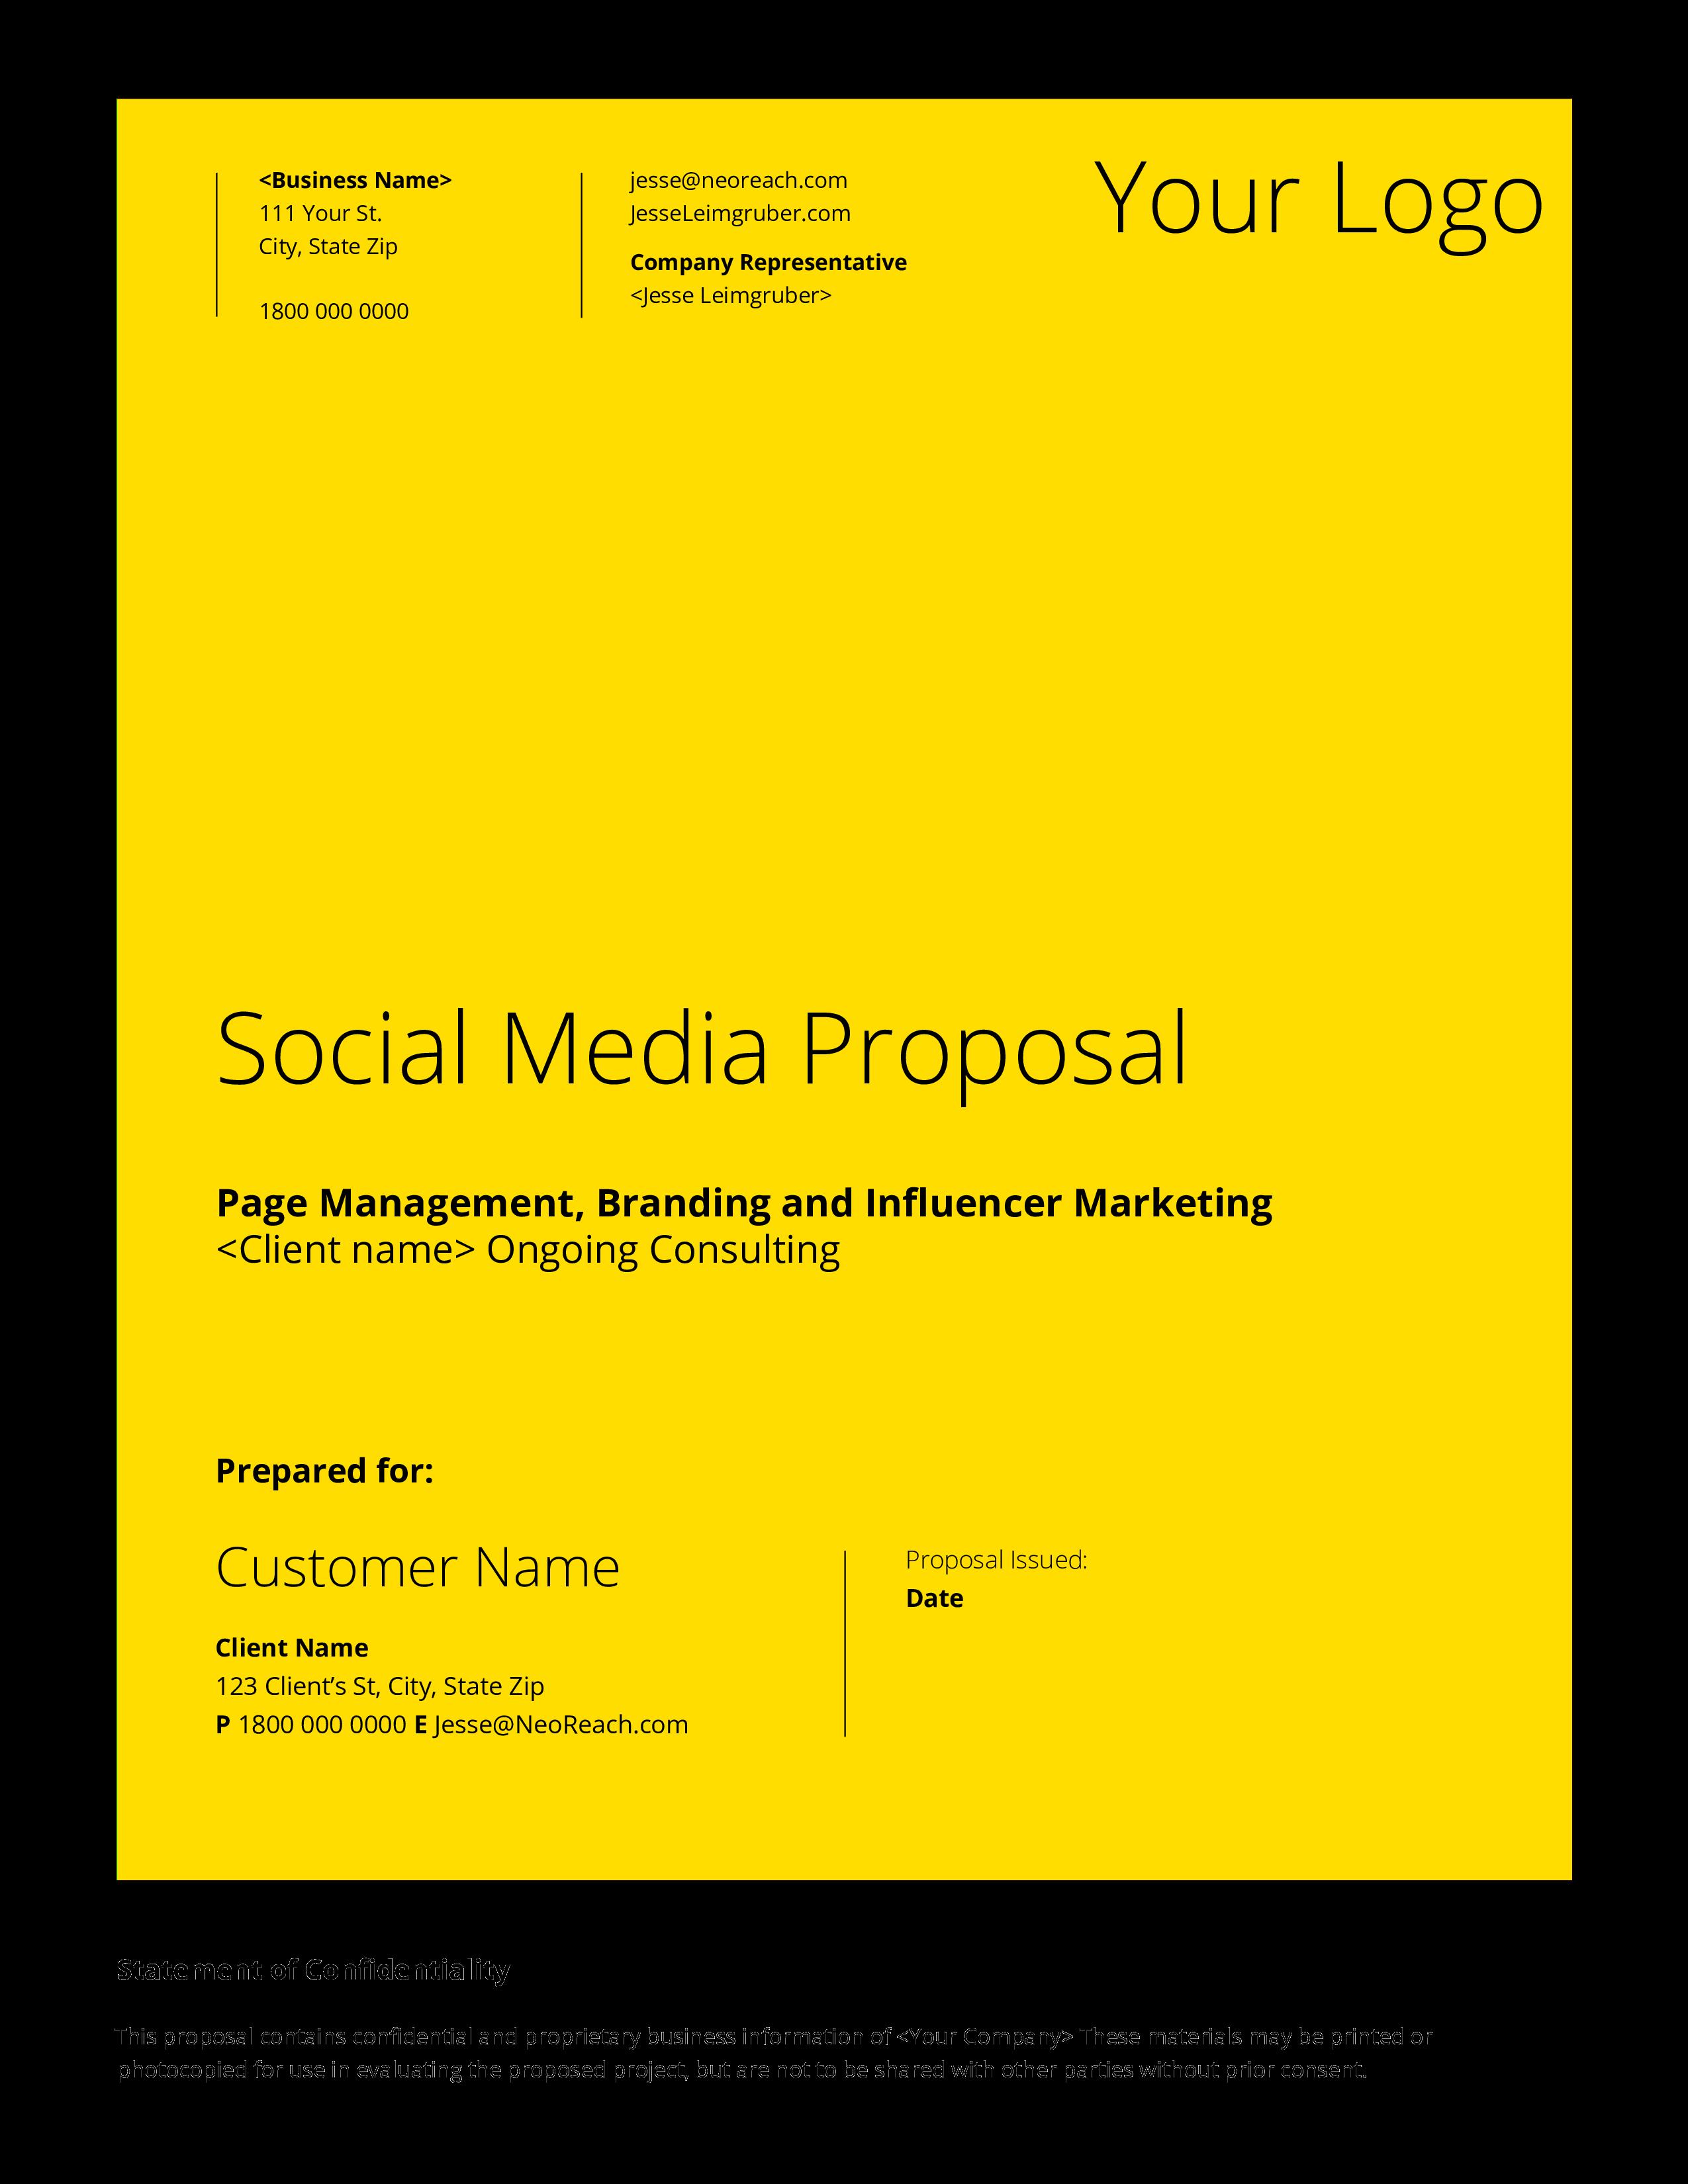 Free Company Social Media Proposal Templates At